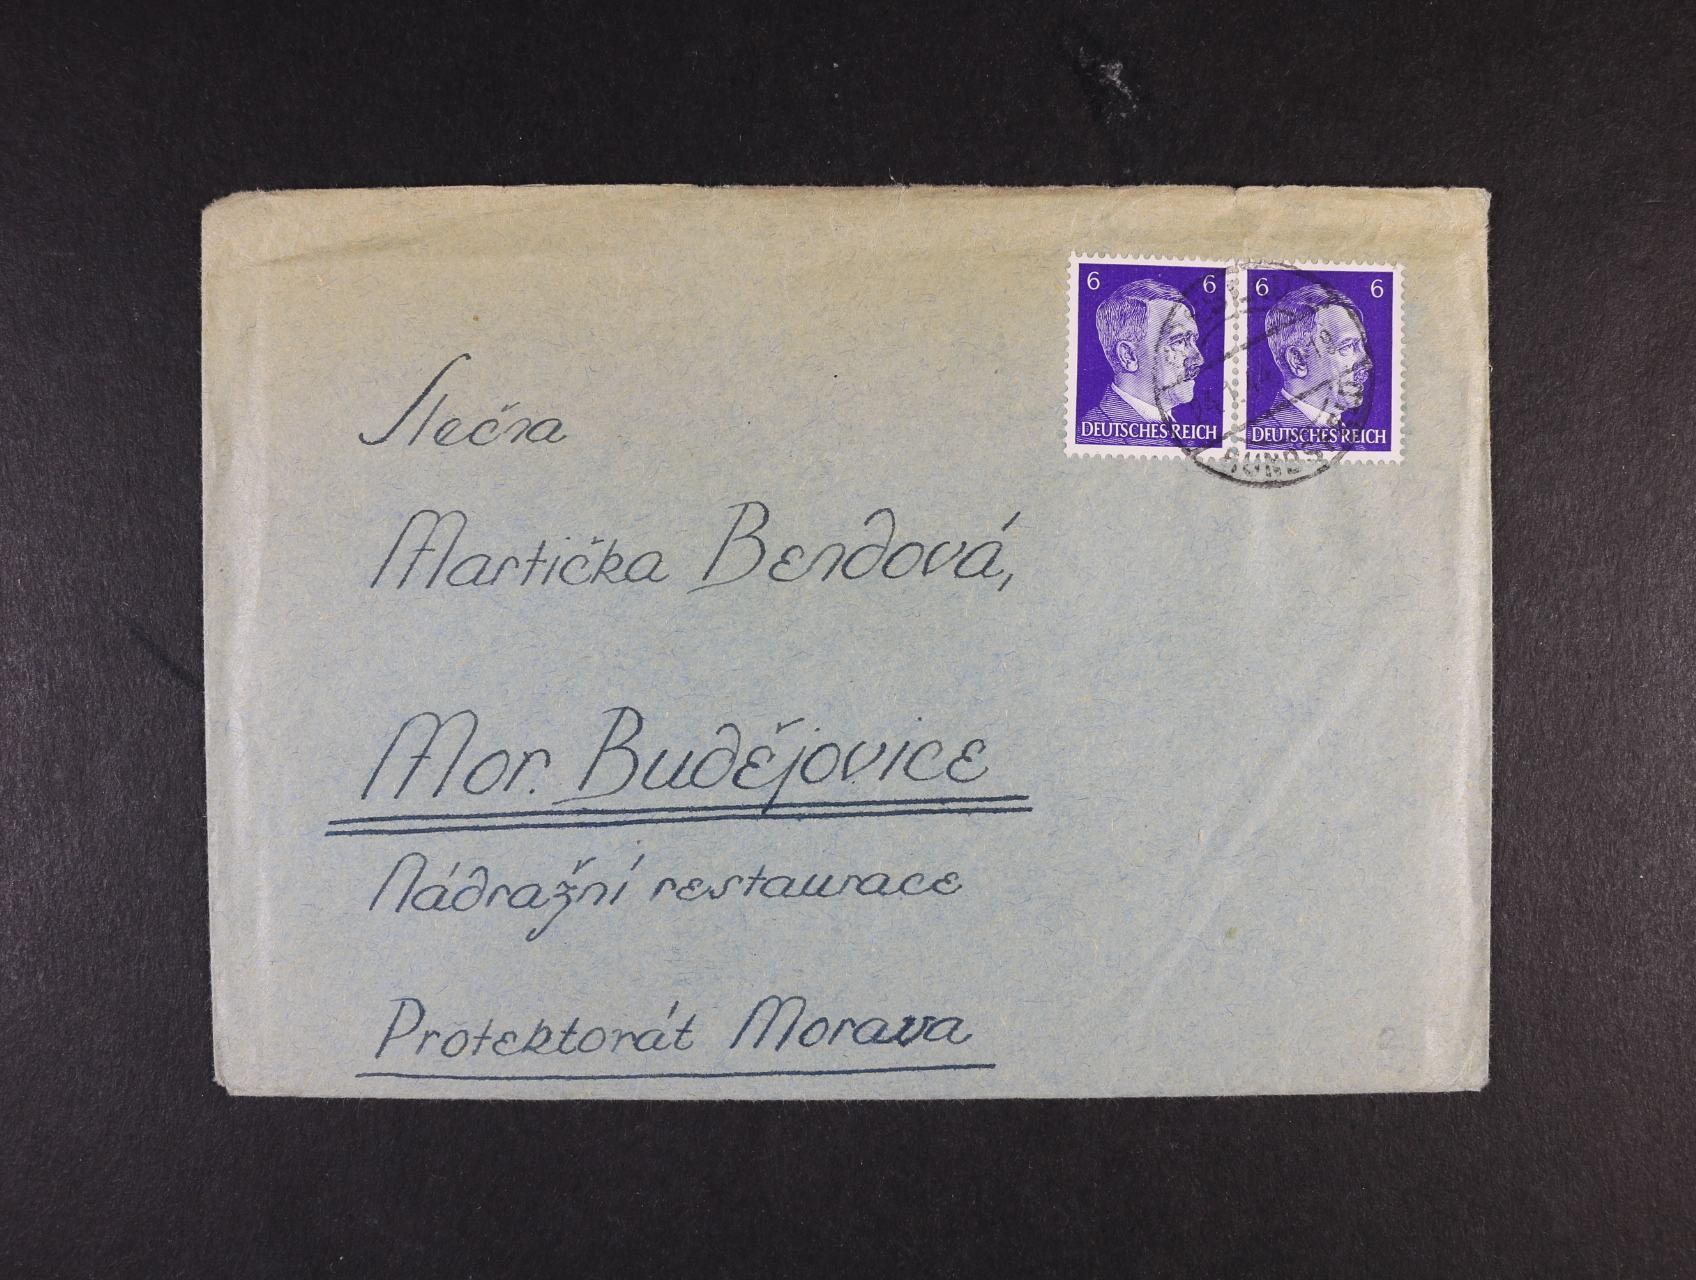 Breslau - obálka vč. dopisu do Mor. Budějovic frank. dvoupáskou zn. 6pf A.H. s raz. BRESLAU 24.1.44, dobrá kvalita